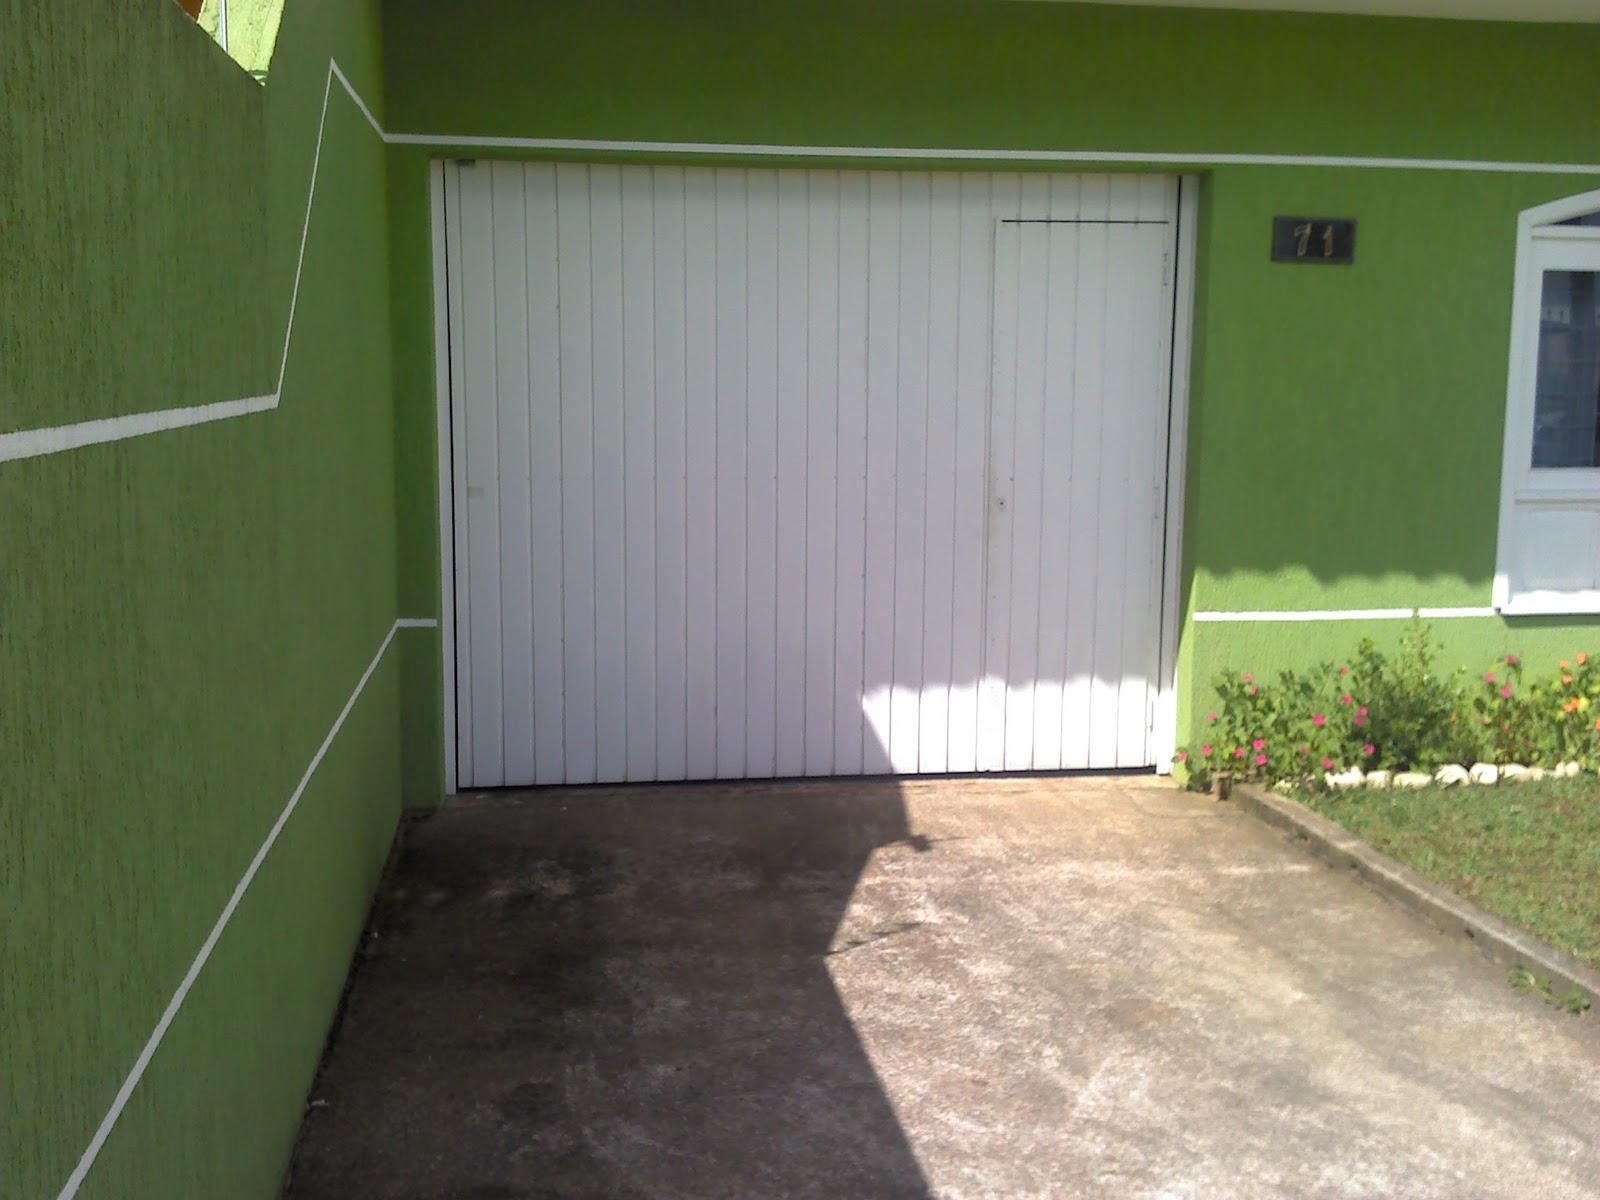 Grafiato Na Fachada Da Casa E Nos Muros  Janelas  Portas E Grades